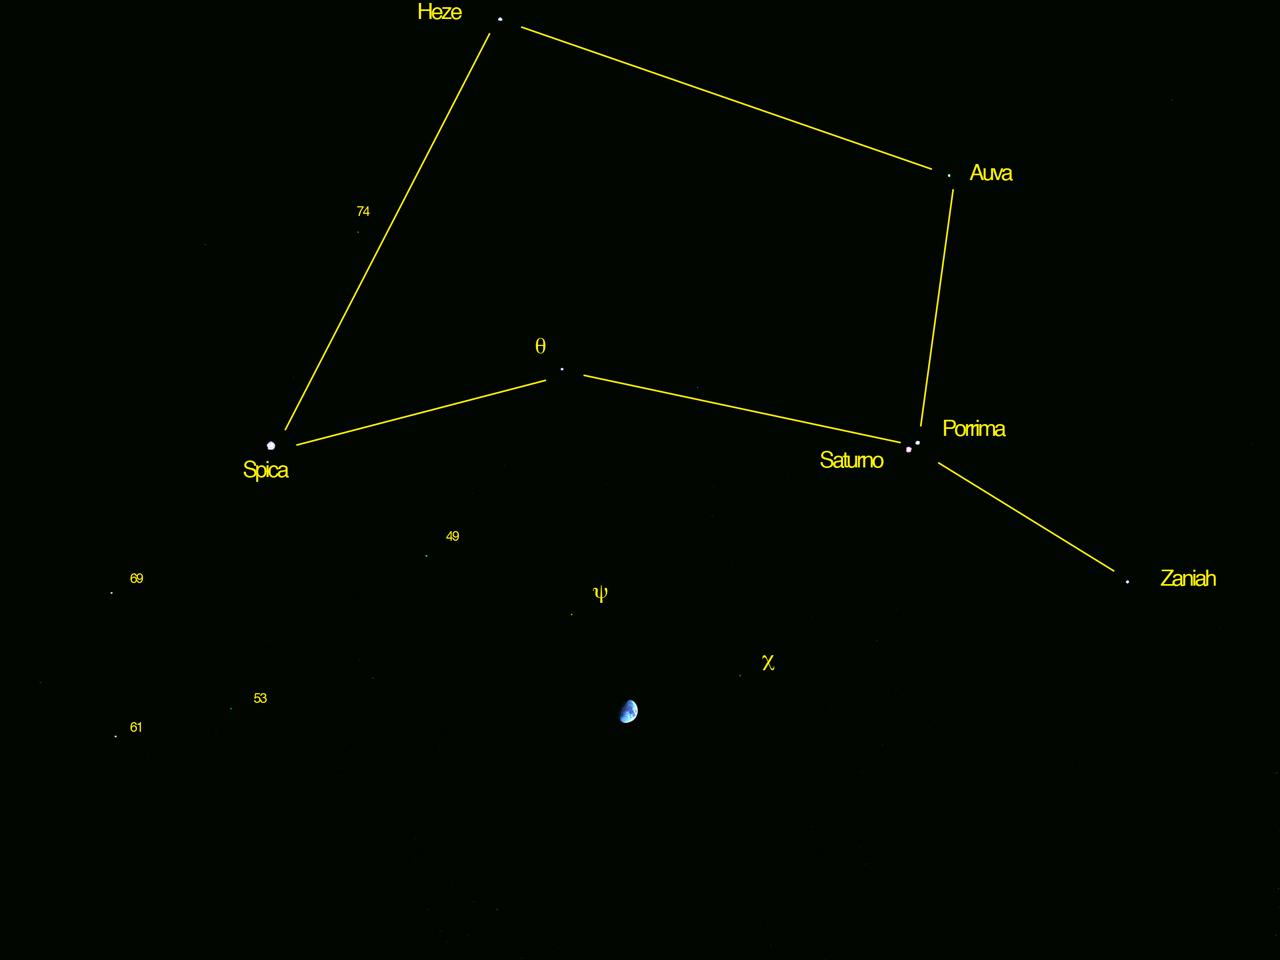 La Luna y Saturno junto a Pórrima en Virgo